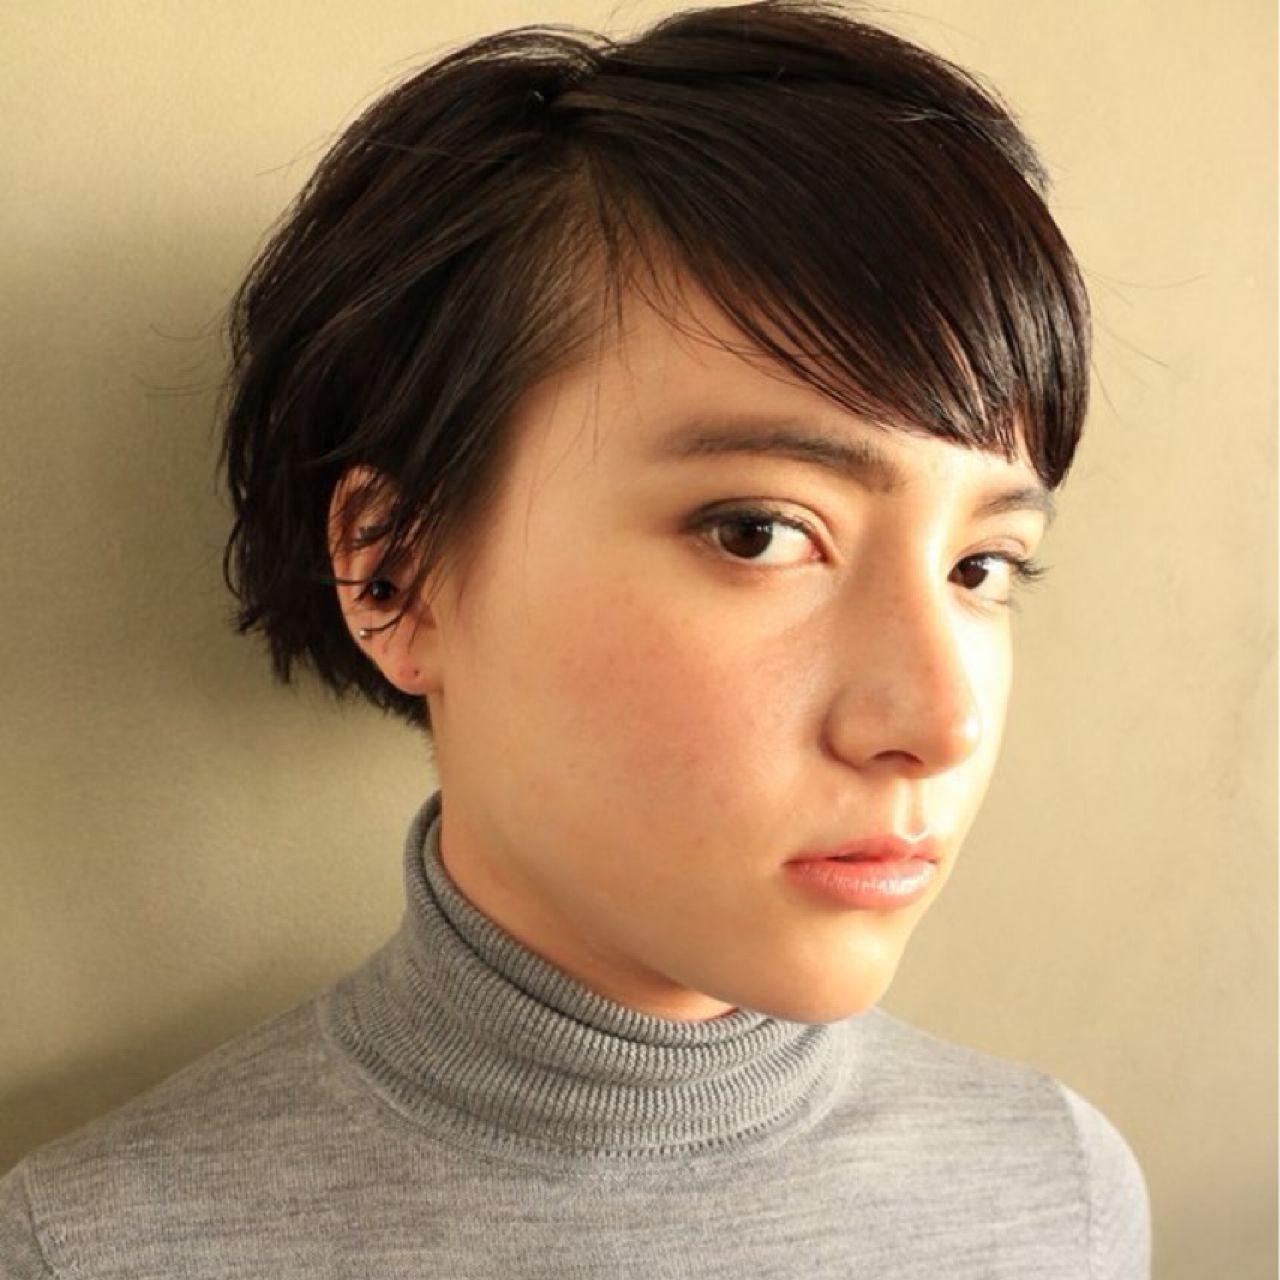 黒髪 ショート モード ヘアスタイルや髪型の写真・画像